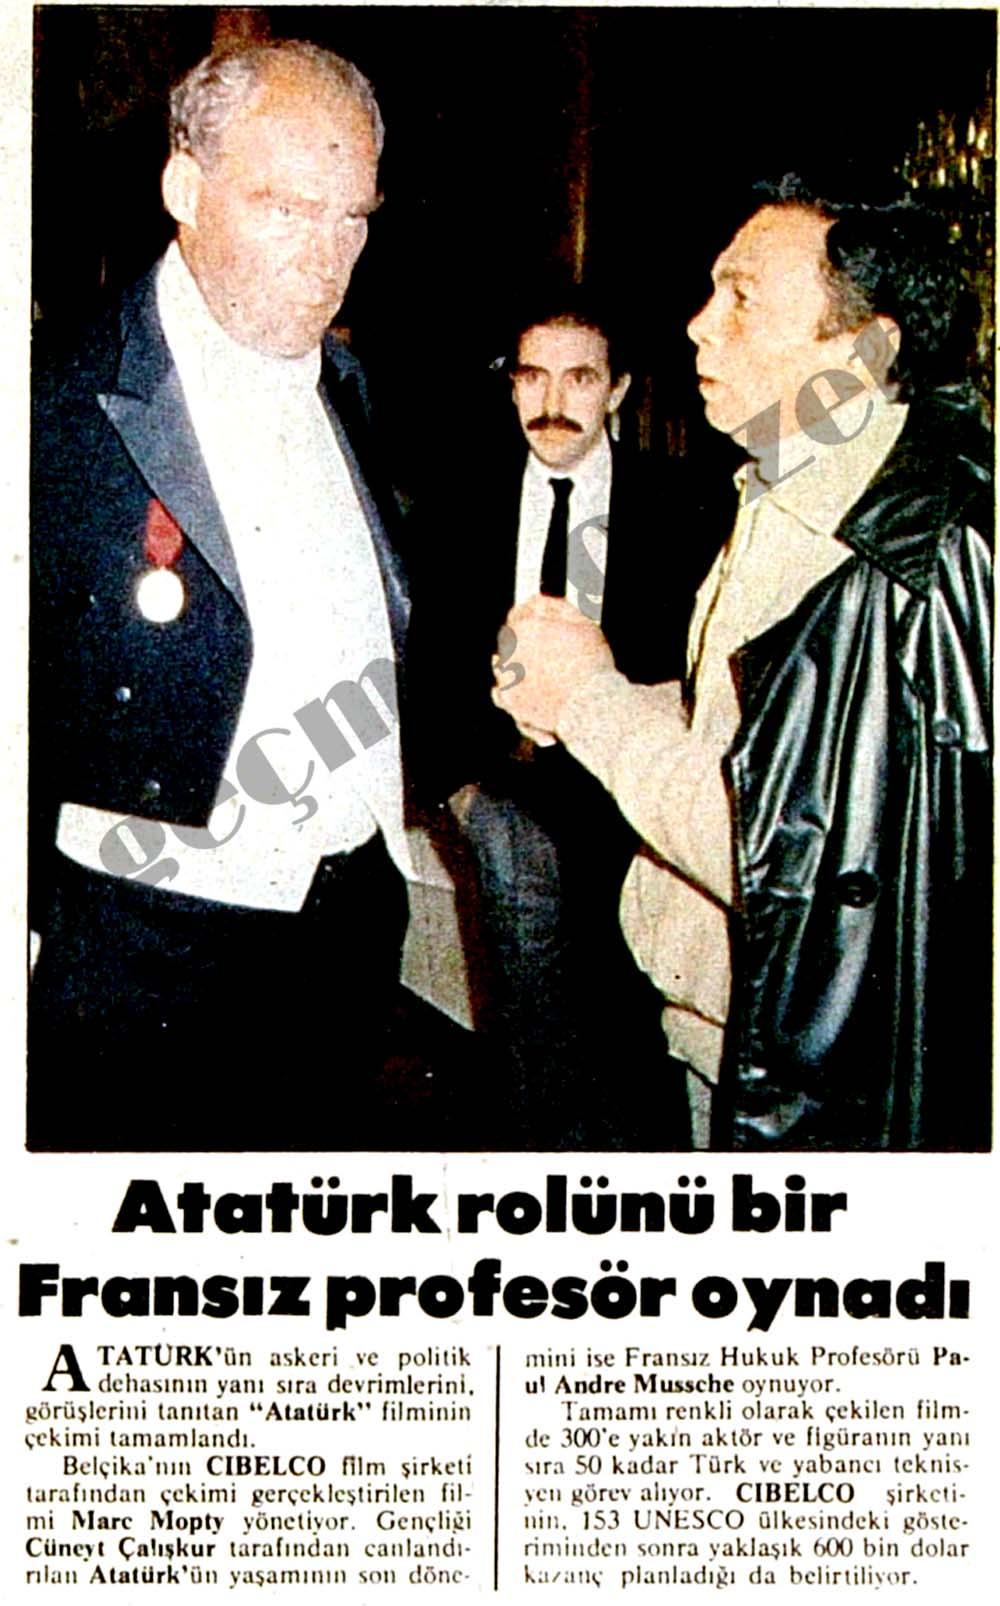 Atatürk rolünü bir Fransız profesörü oynadı